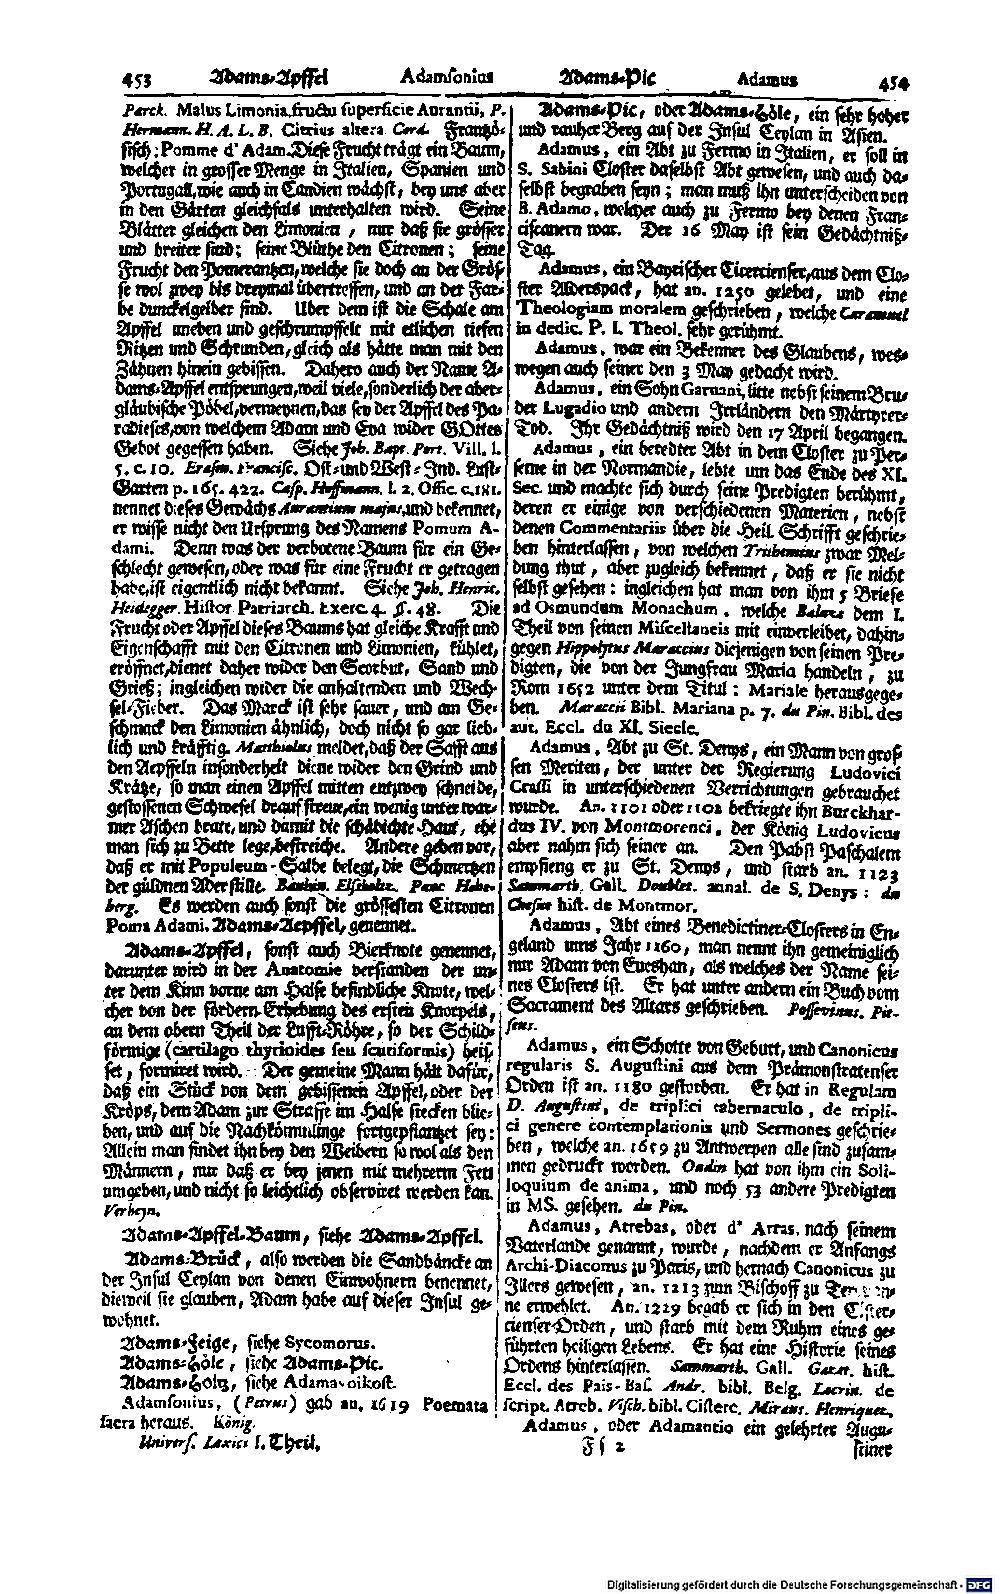 Bd. 01, Seite 0266.